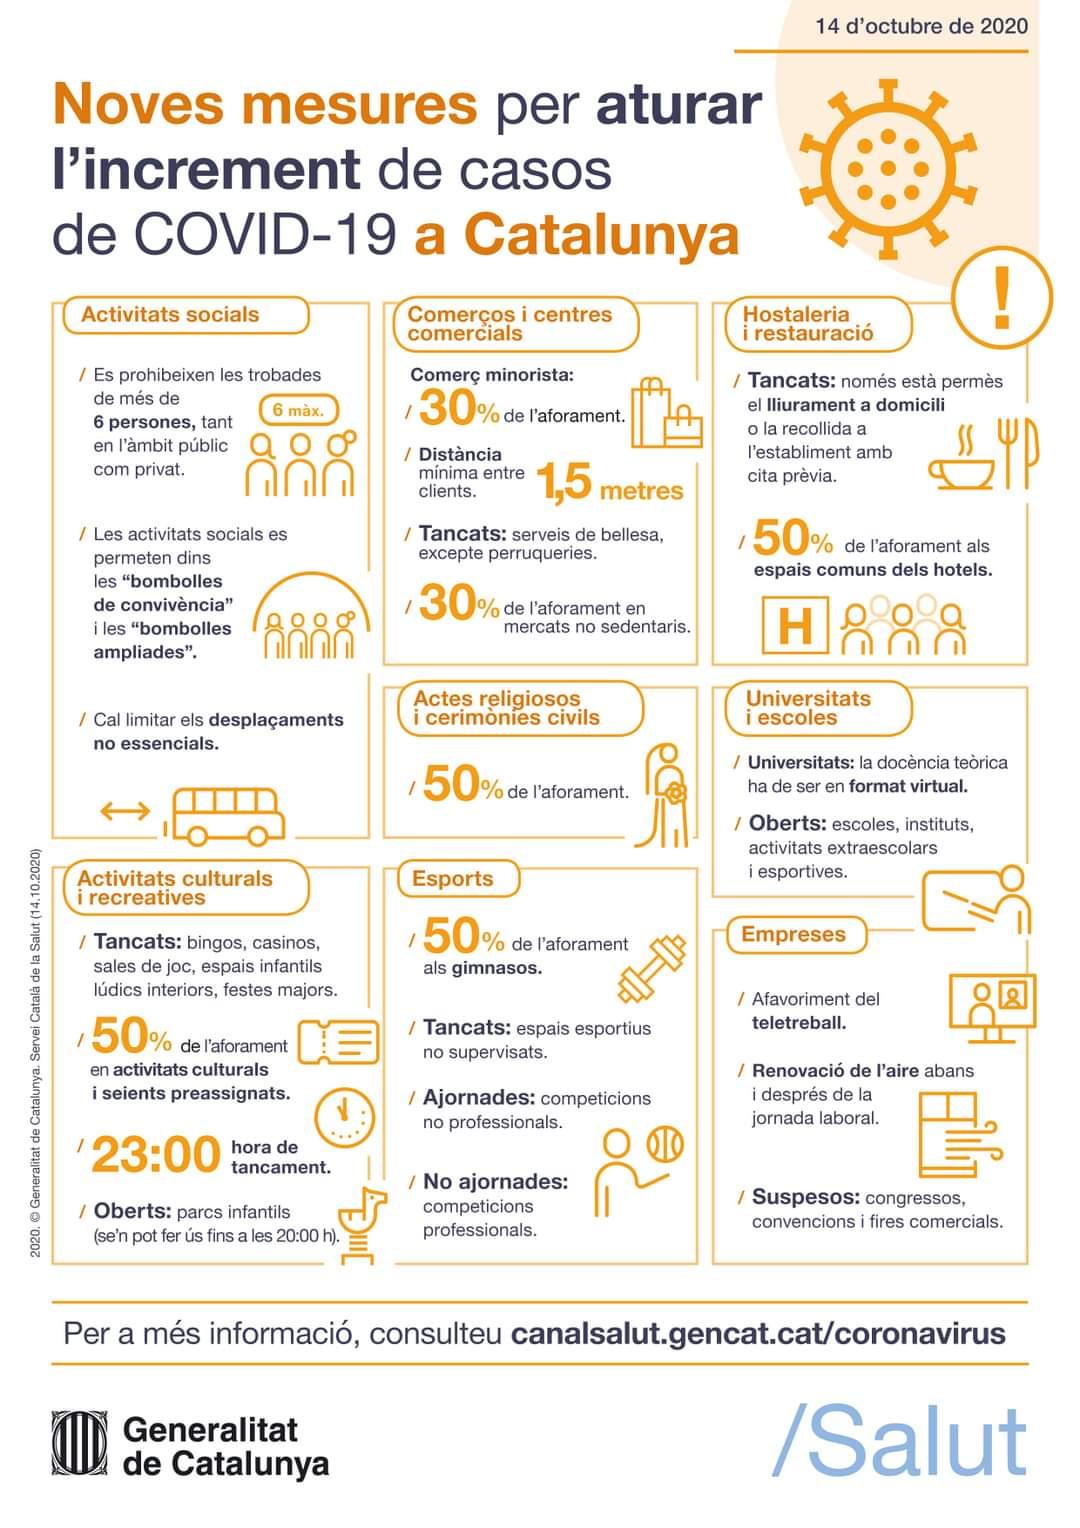 NUEVAS MEDIDAS PARA FRENAR EL INCREMENTO DE CONTAGIOS DE COVID19 – GENERALITAT DE CATALUNYA